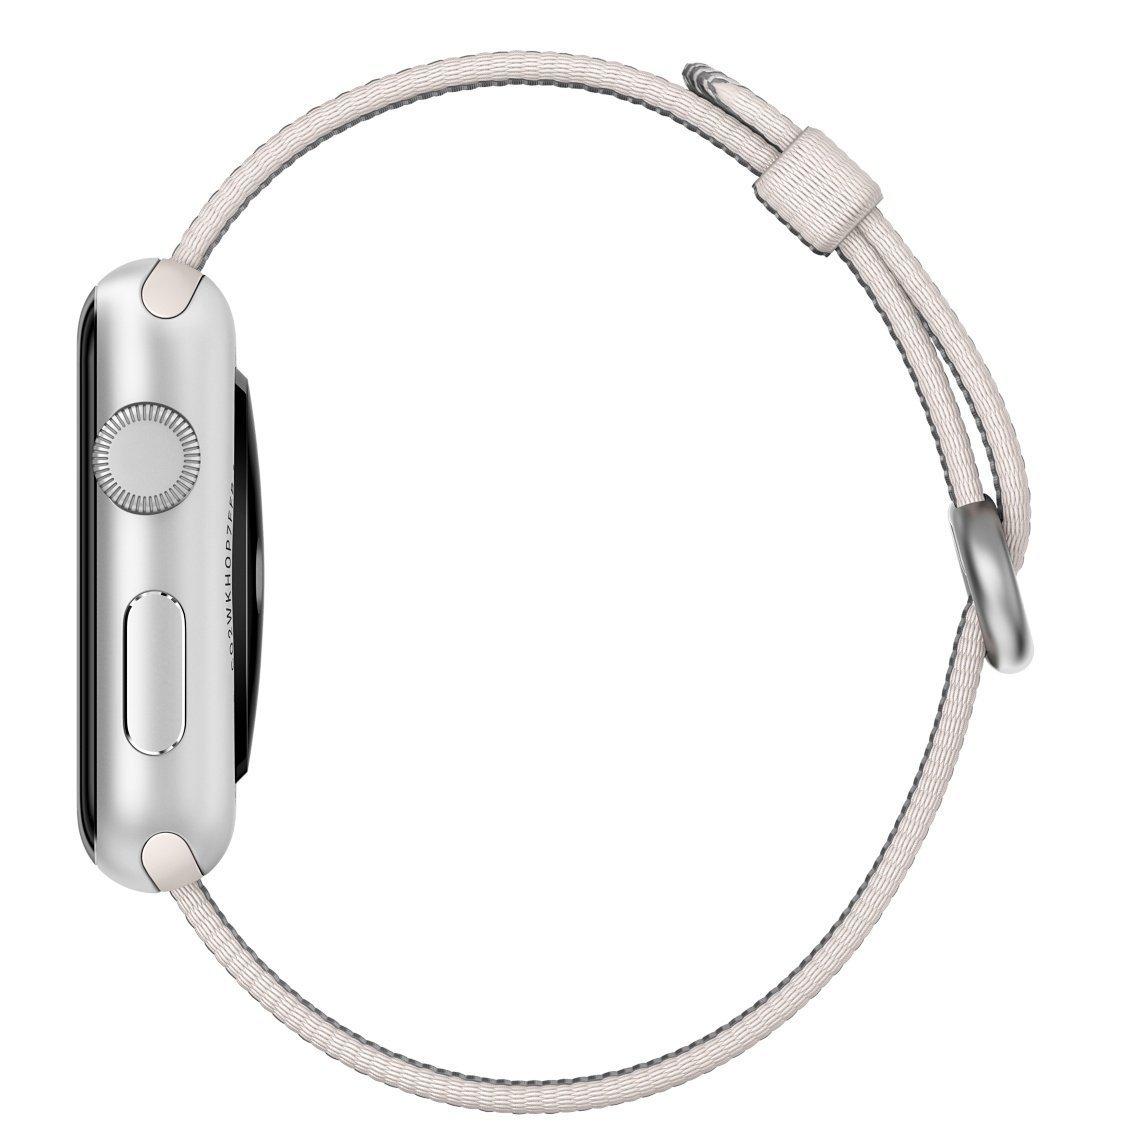 [超ポイントバック祭&現金値引クーポン]アップル Apple  純正 Apple Watch 42mm 交換用バンド ウーブンナイロン  パール